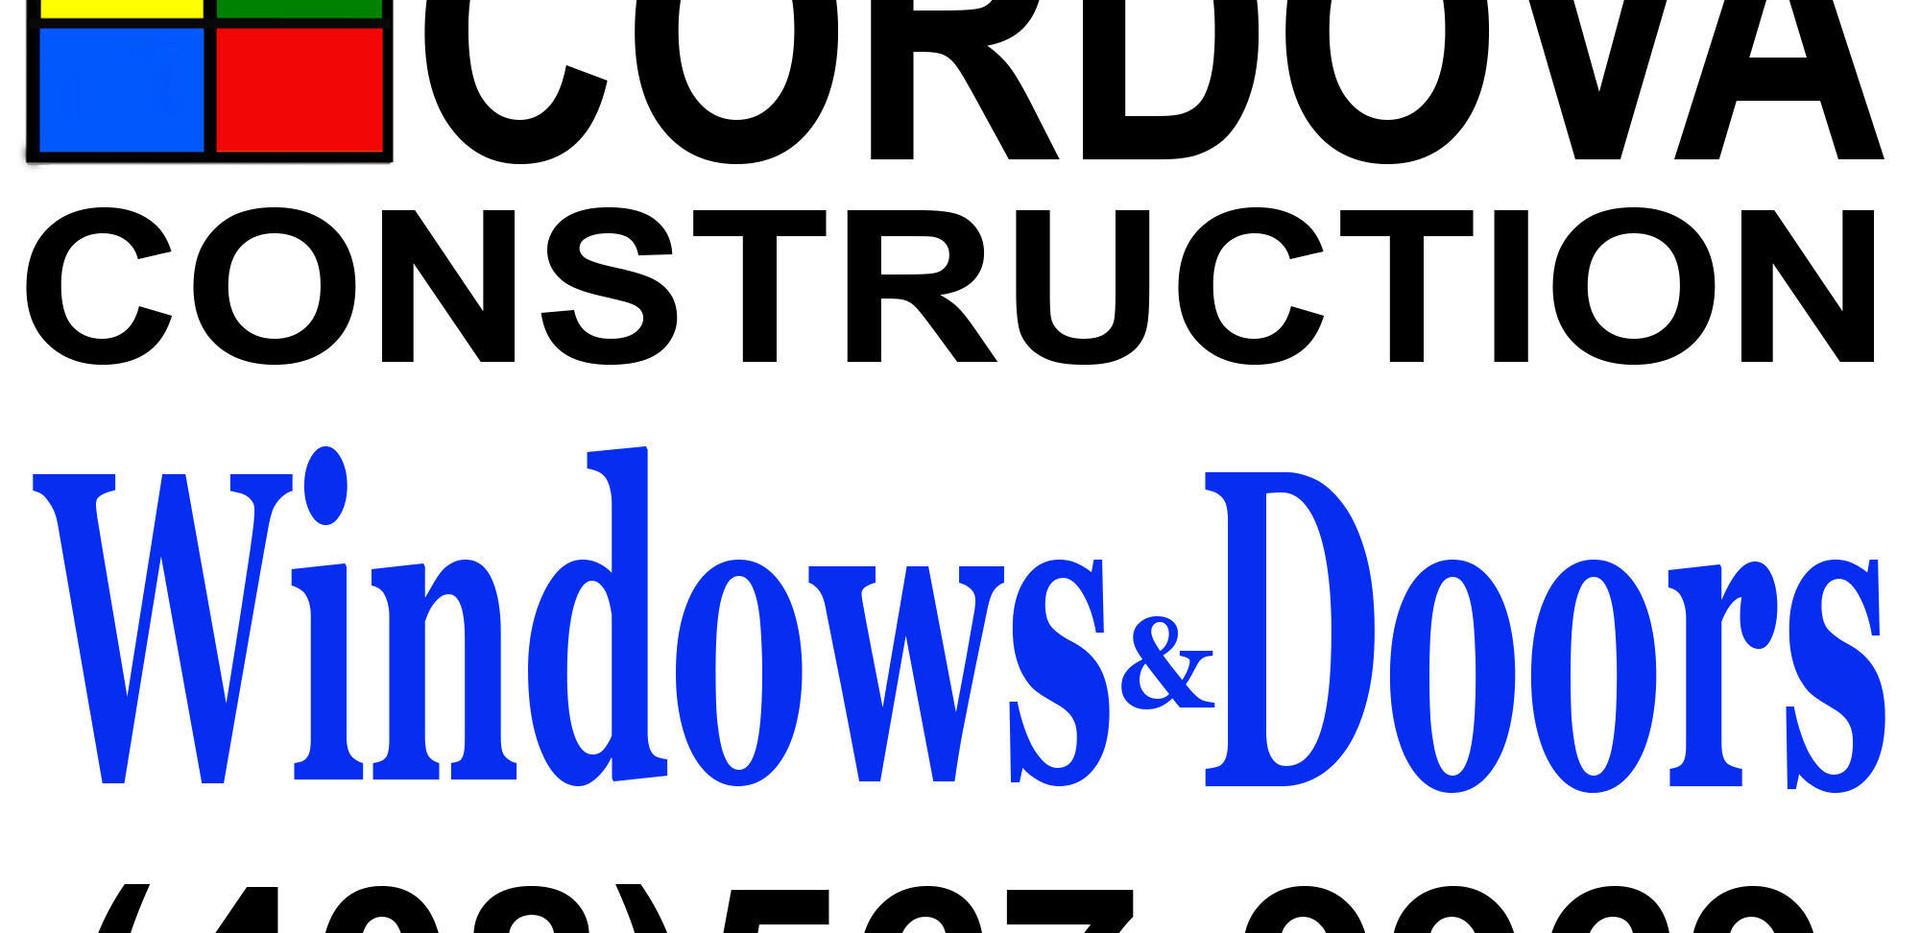 Windows & Doors.jpg